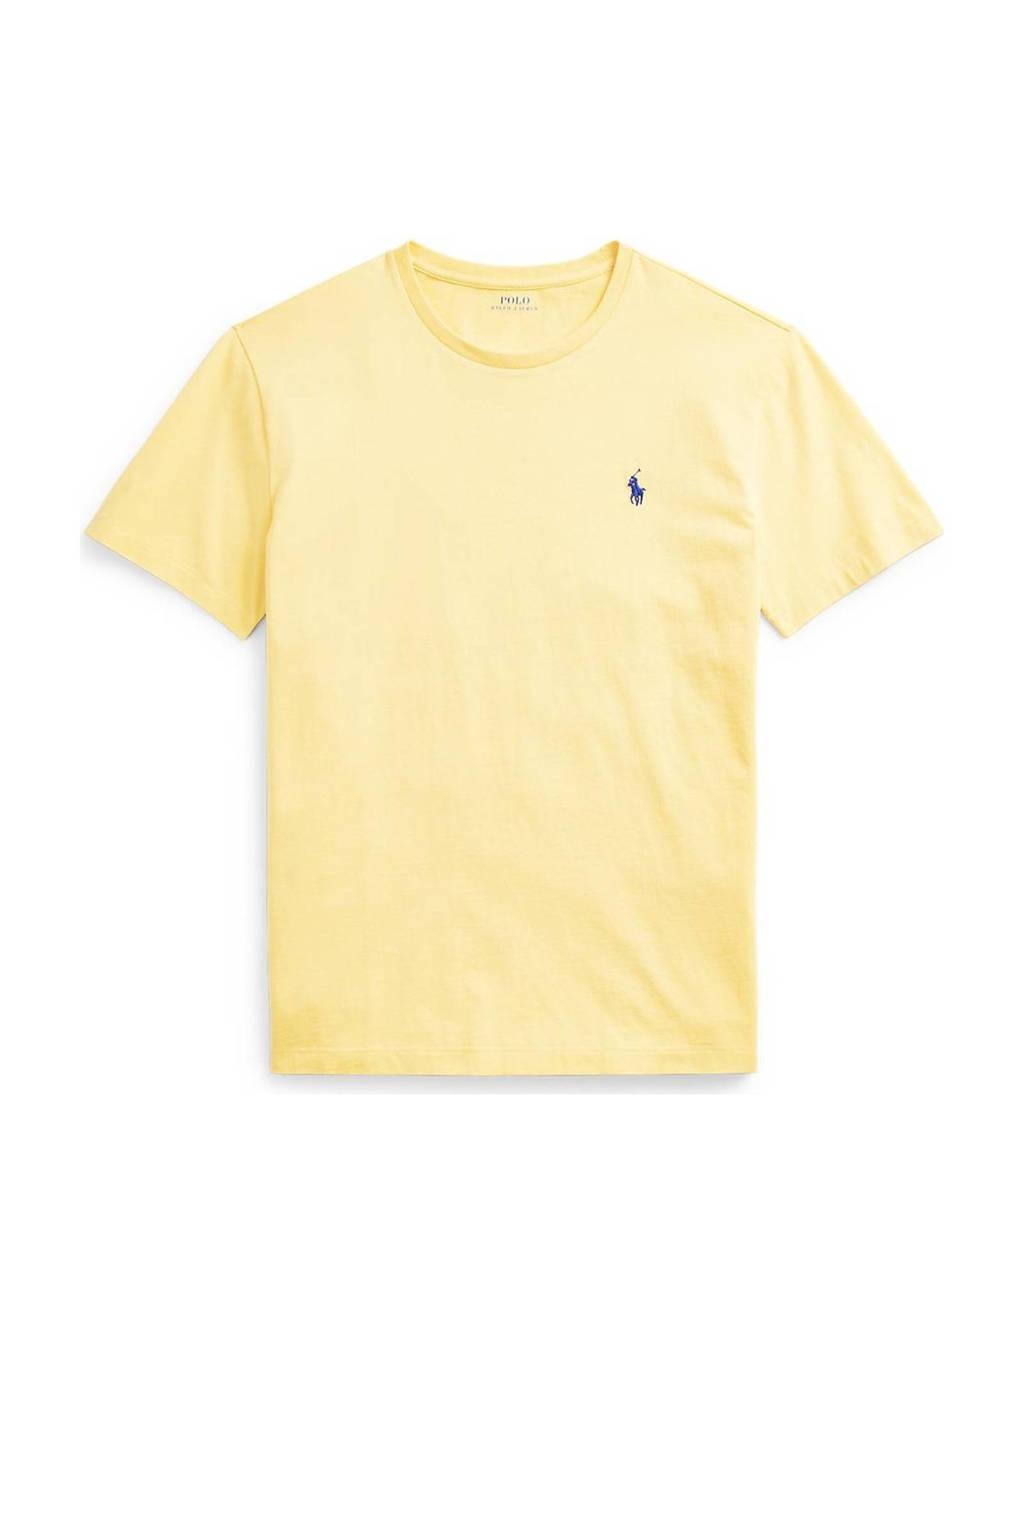 POLO Ralph Lauren T-shirt lichtgeel, Lichtgeel